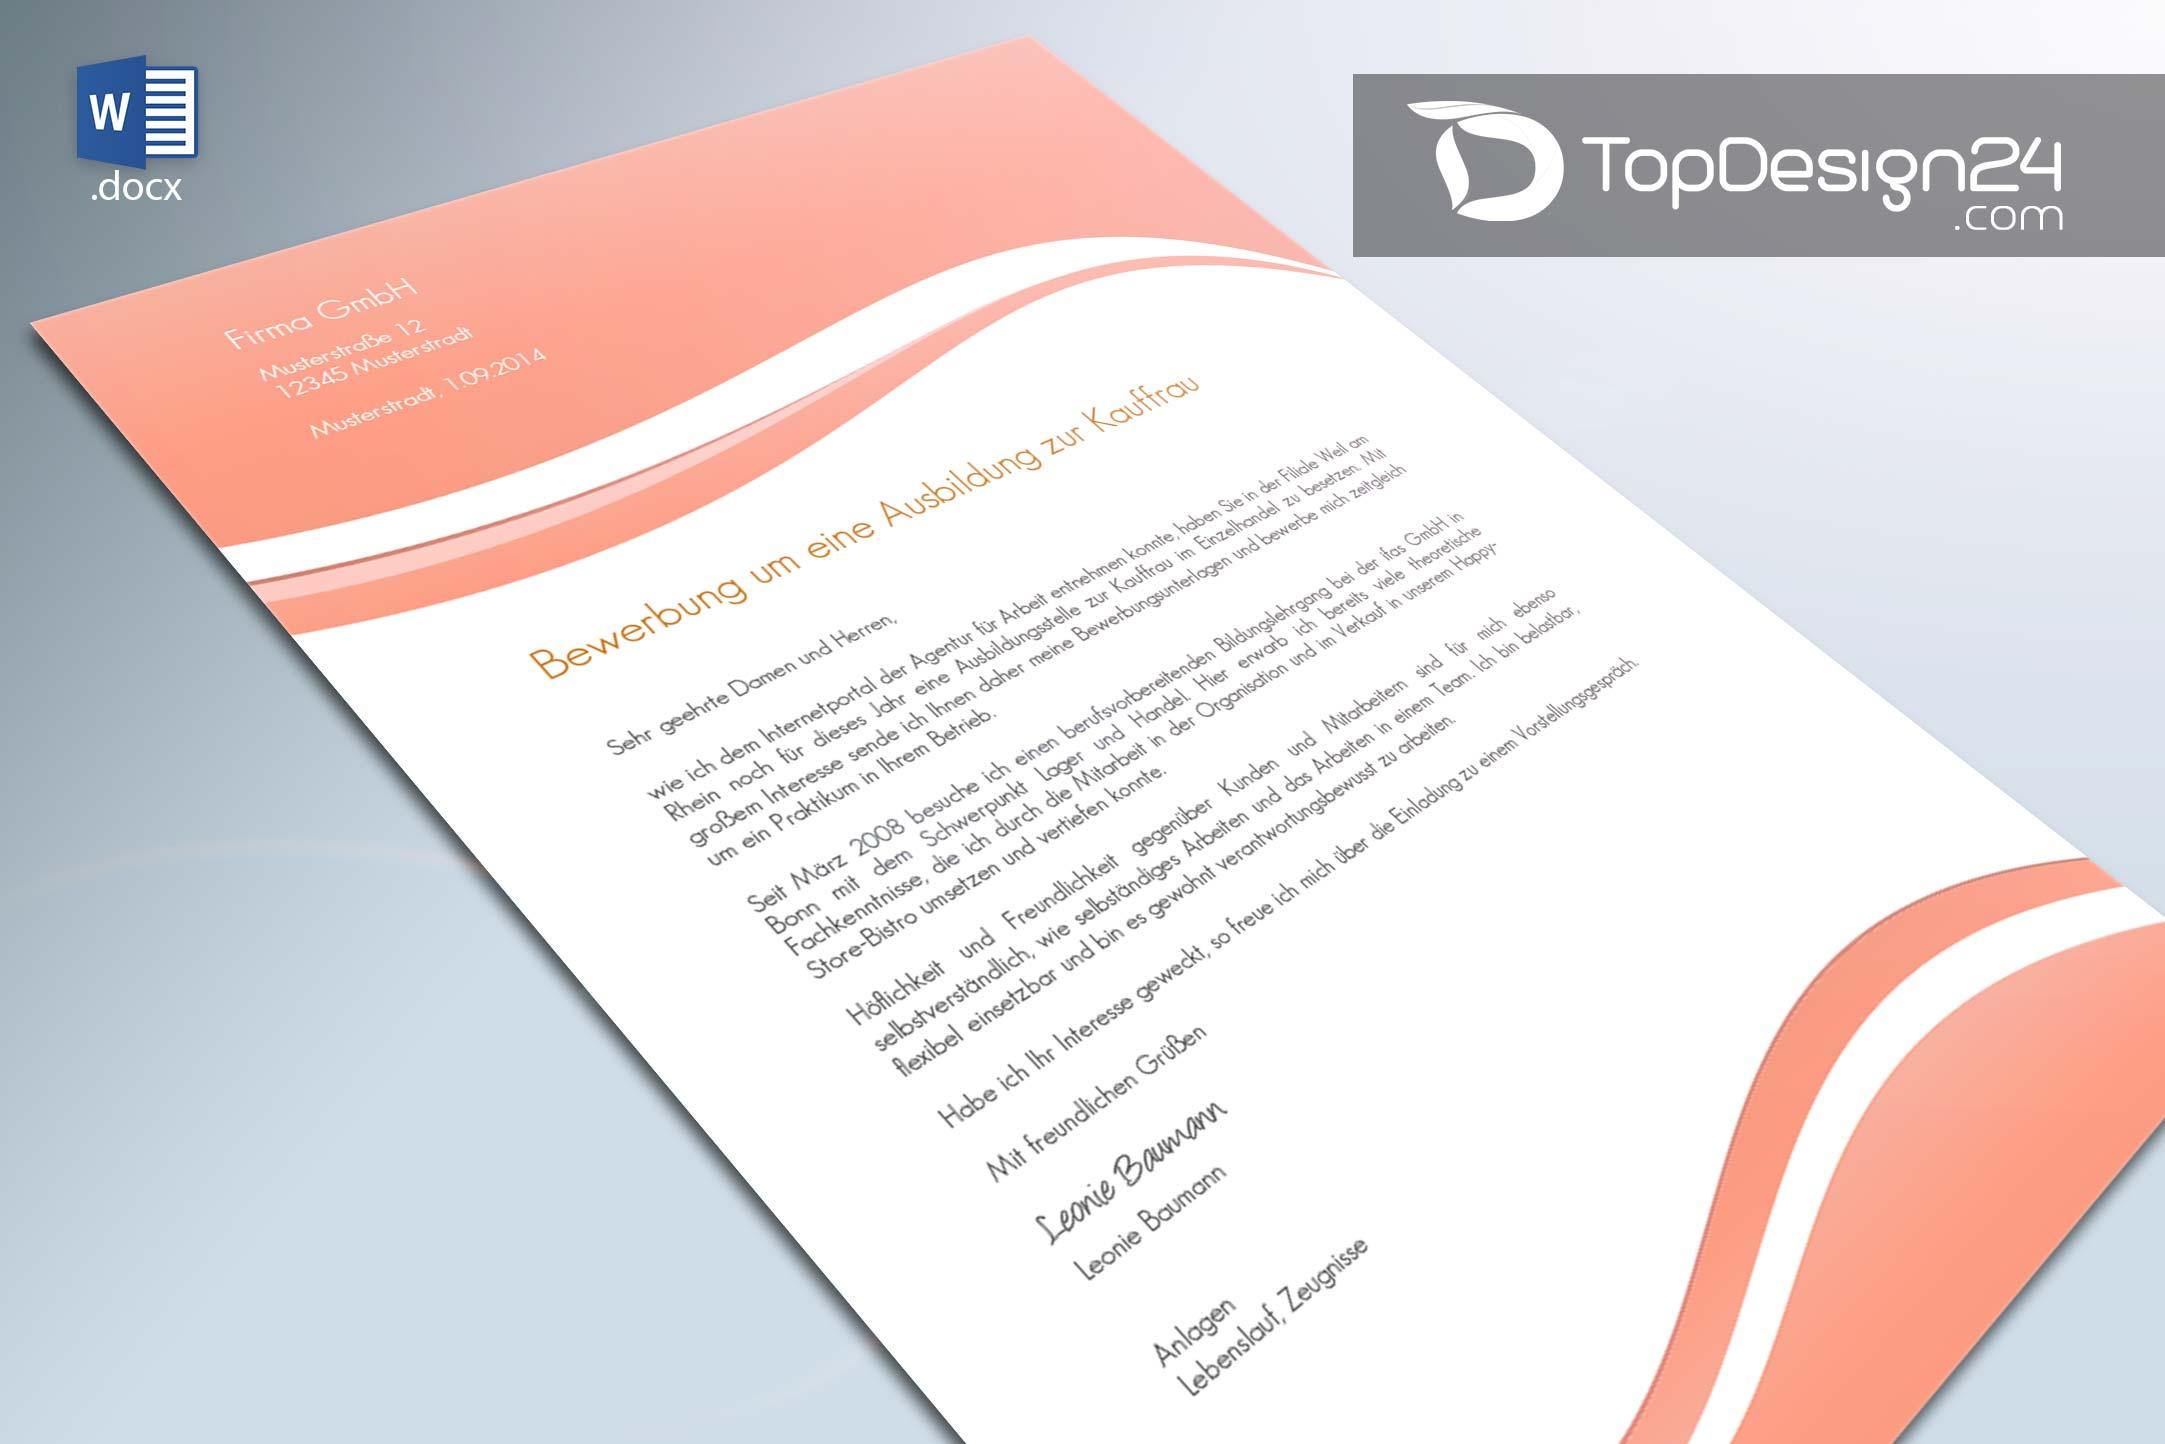 Bewerbung Als Küchenhilfe Topdesign24